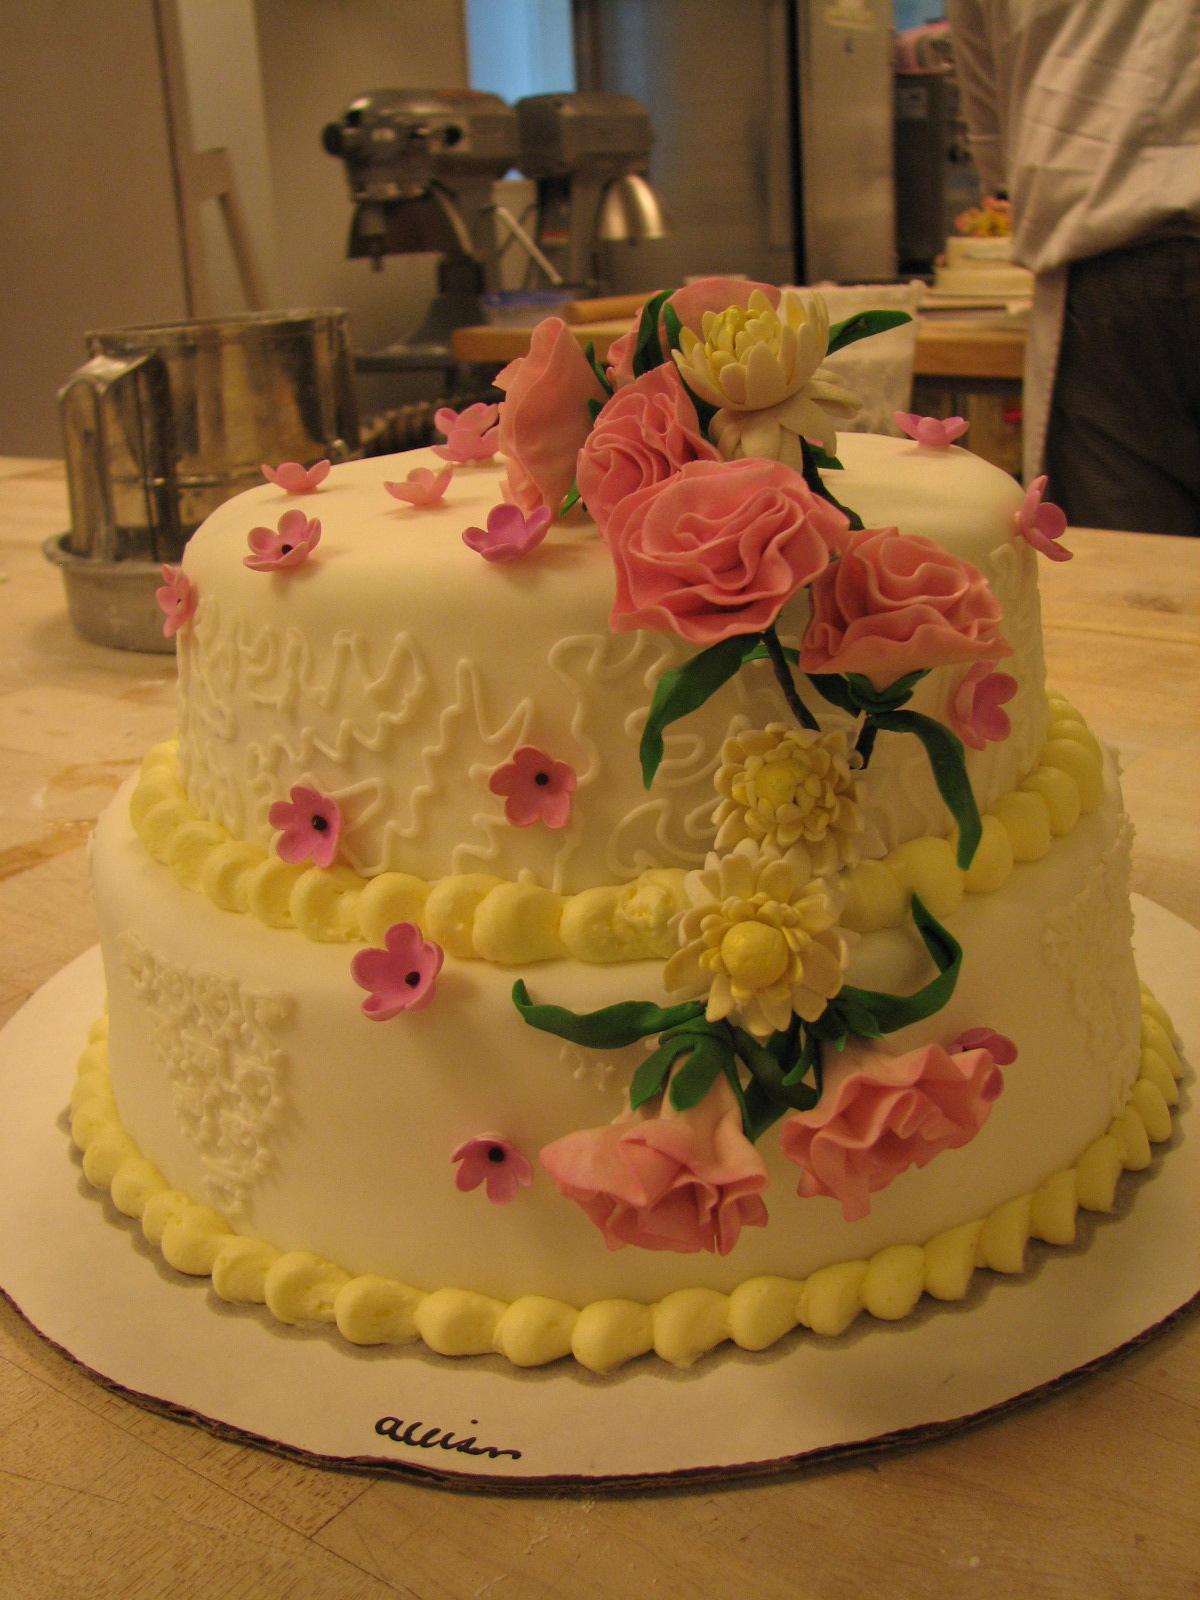 http://4.bp.blogspot.com/__gix9lMUtVI/S8yoNQ6E9cI/AAAAAAAAACU/eMcgBsM_3OM/s1600/Cake%20-%20Class%20work%20-%202tiered%20with%20flowers.jpg